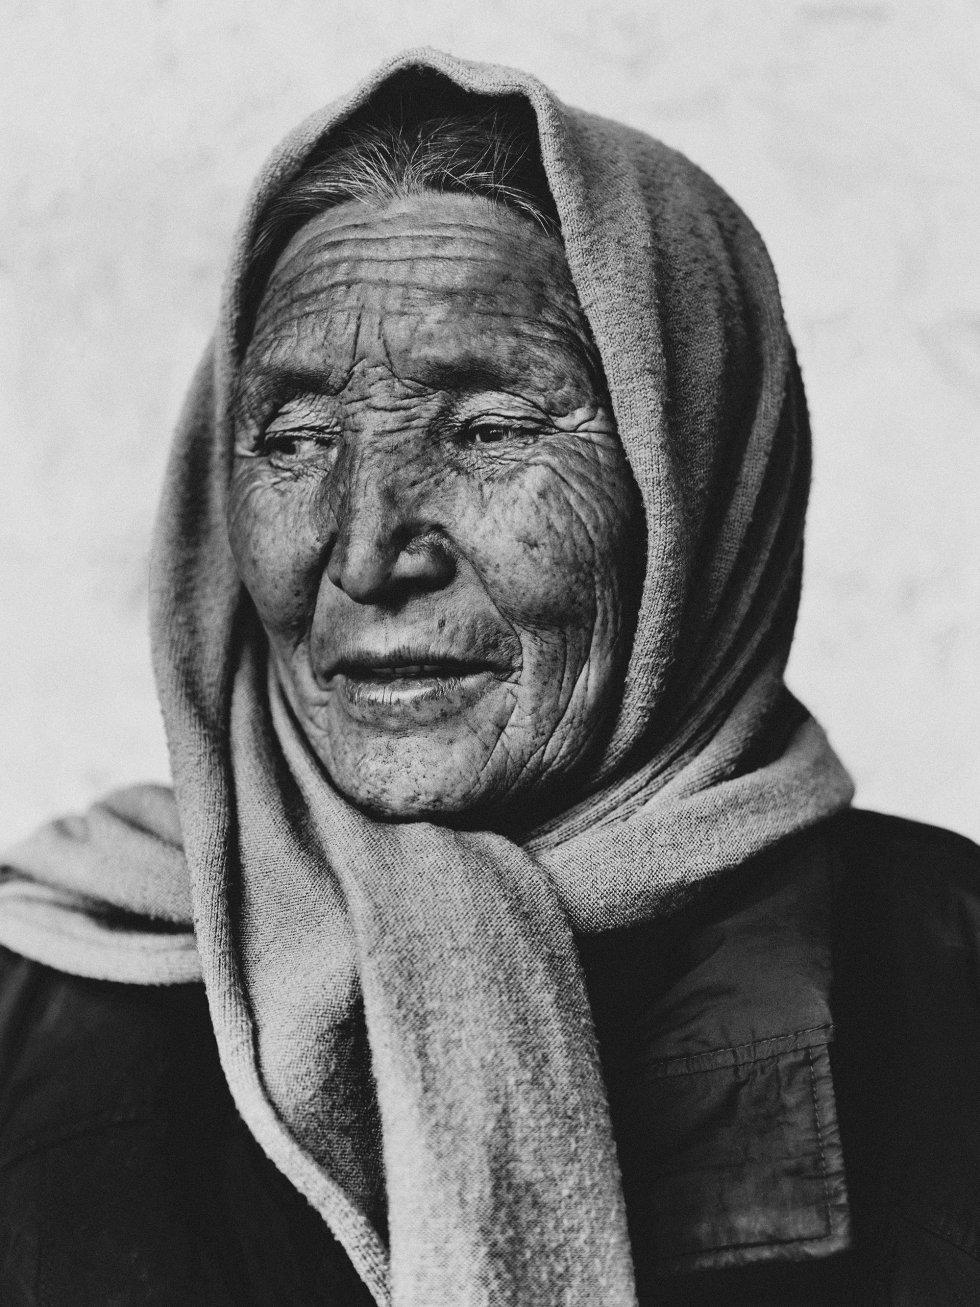 Os nepaleses com quem cruzamos, como esta anciã, ajudaram-nos a enfrentar as duras condições da expedição, levando-os a acolhê-los nas suas próprias casas com as suas famílias.